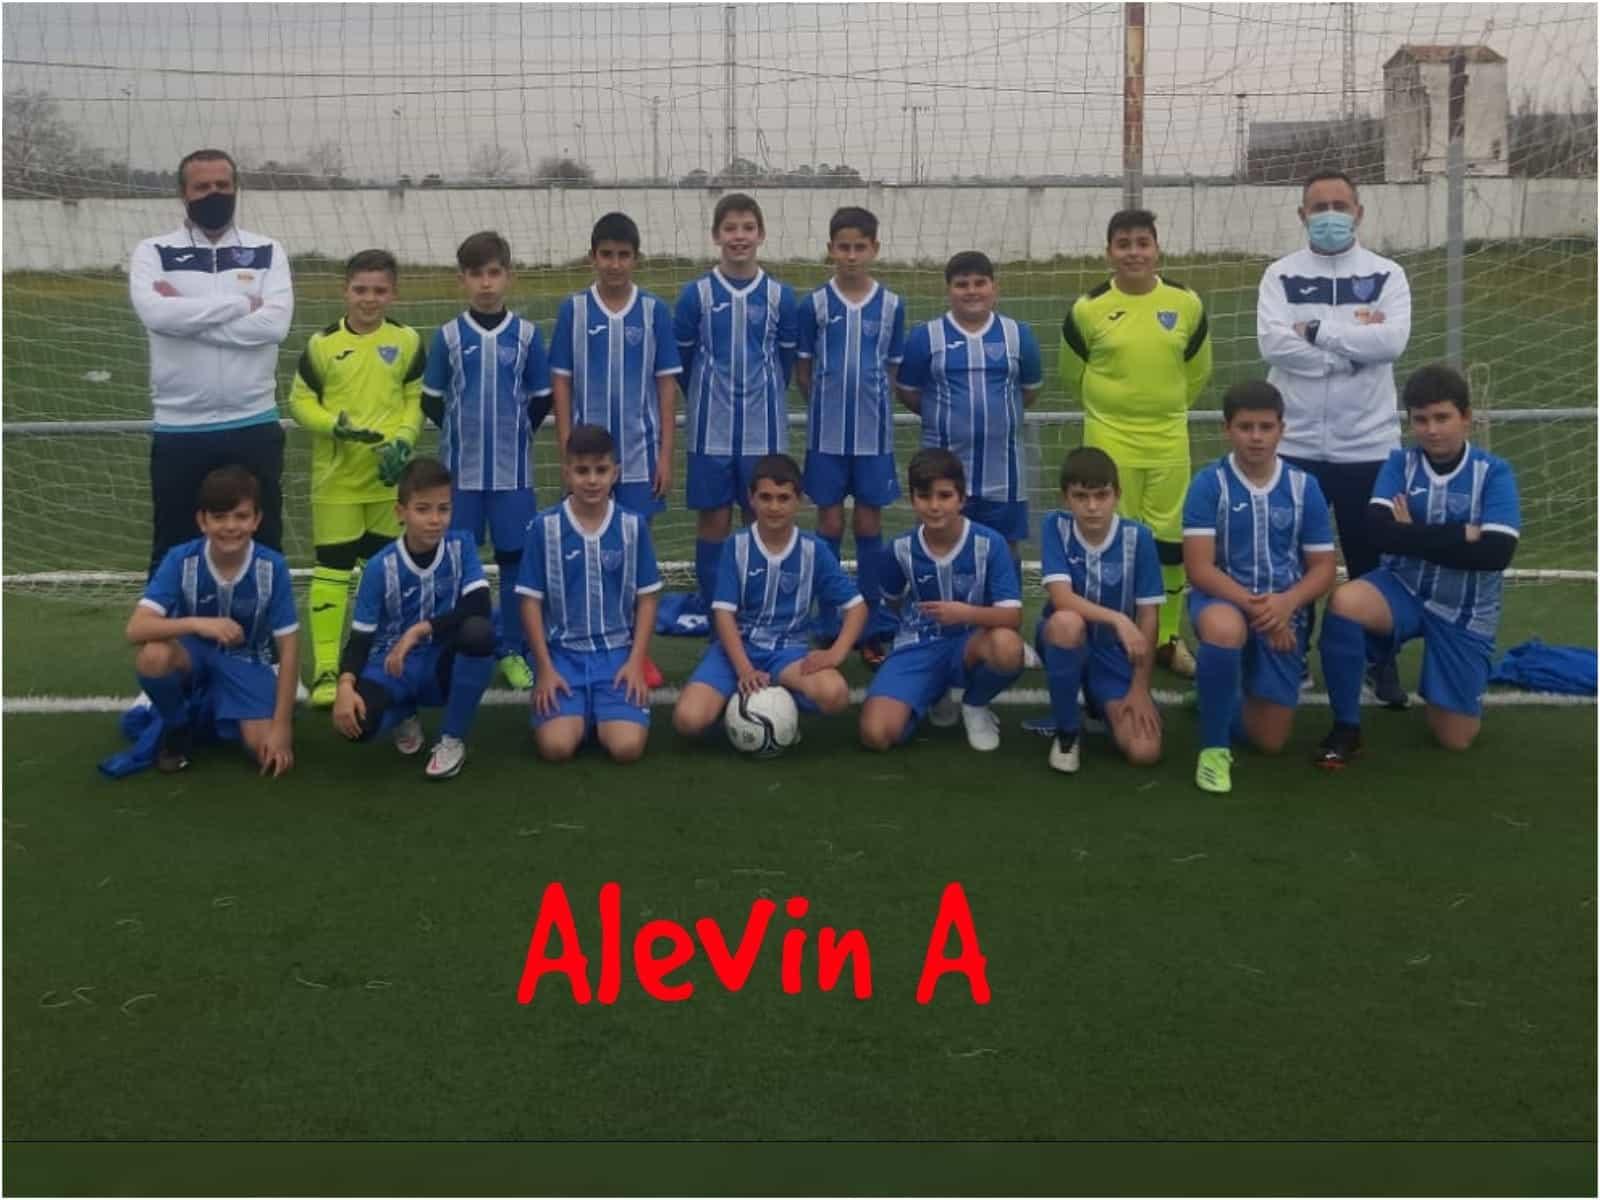 210305 alevin a